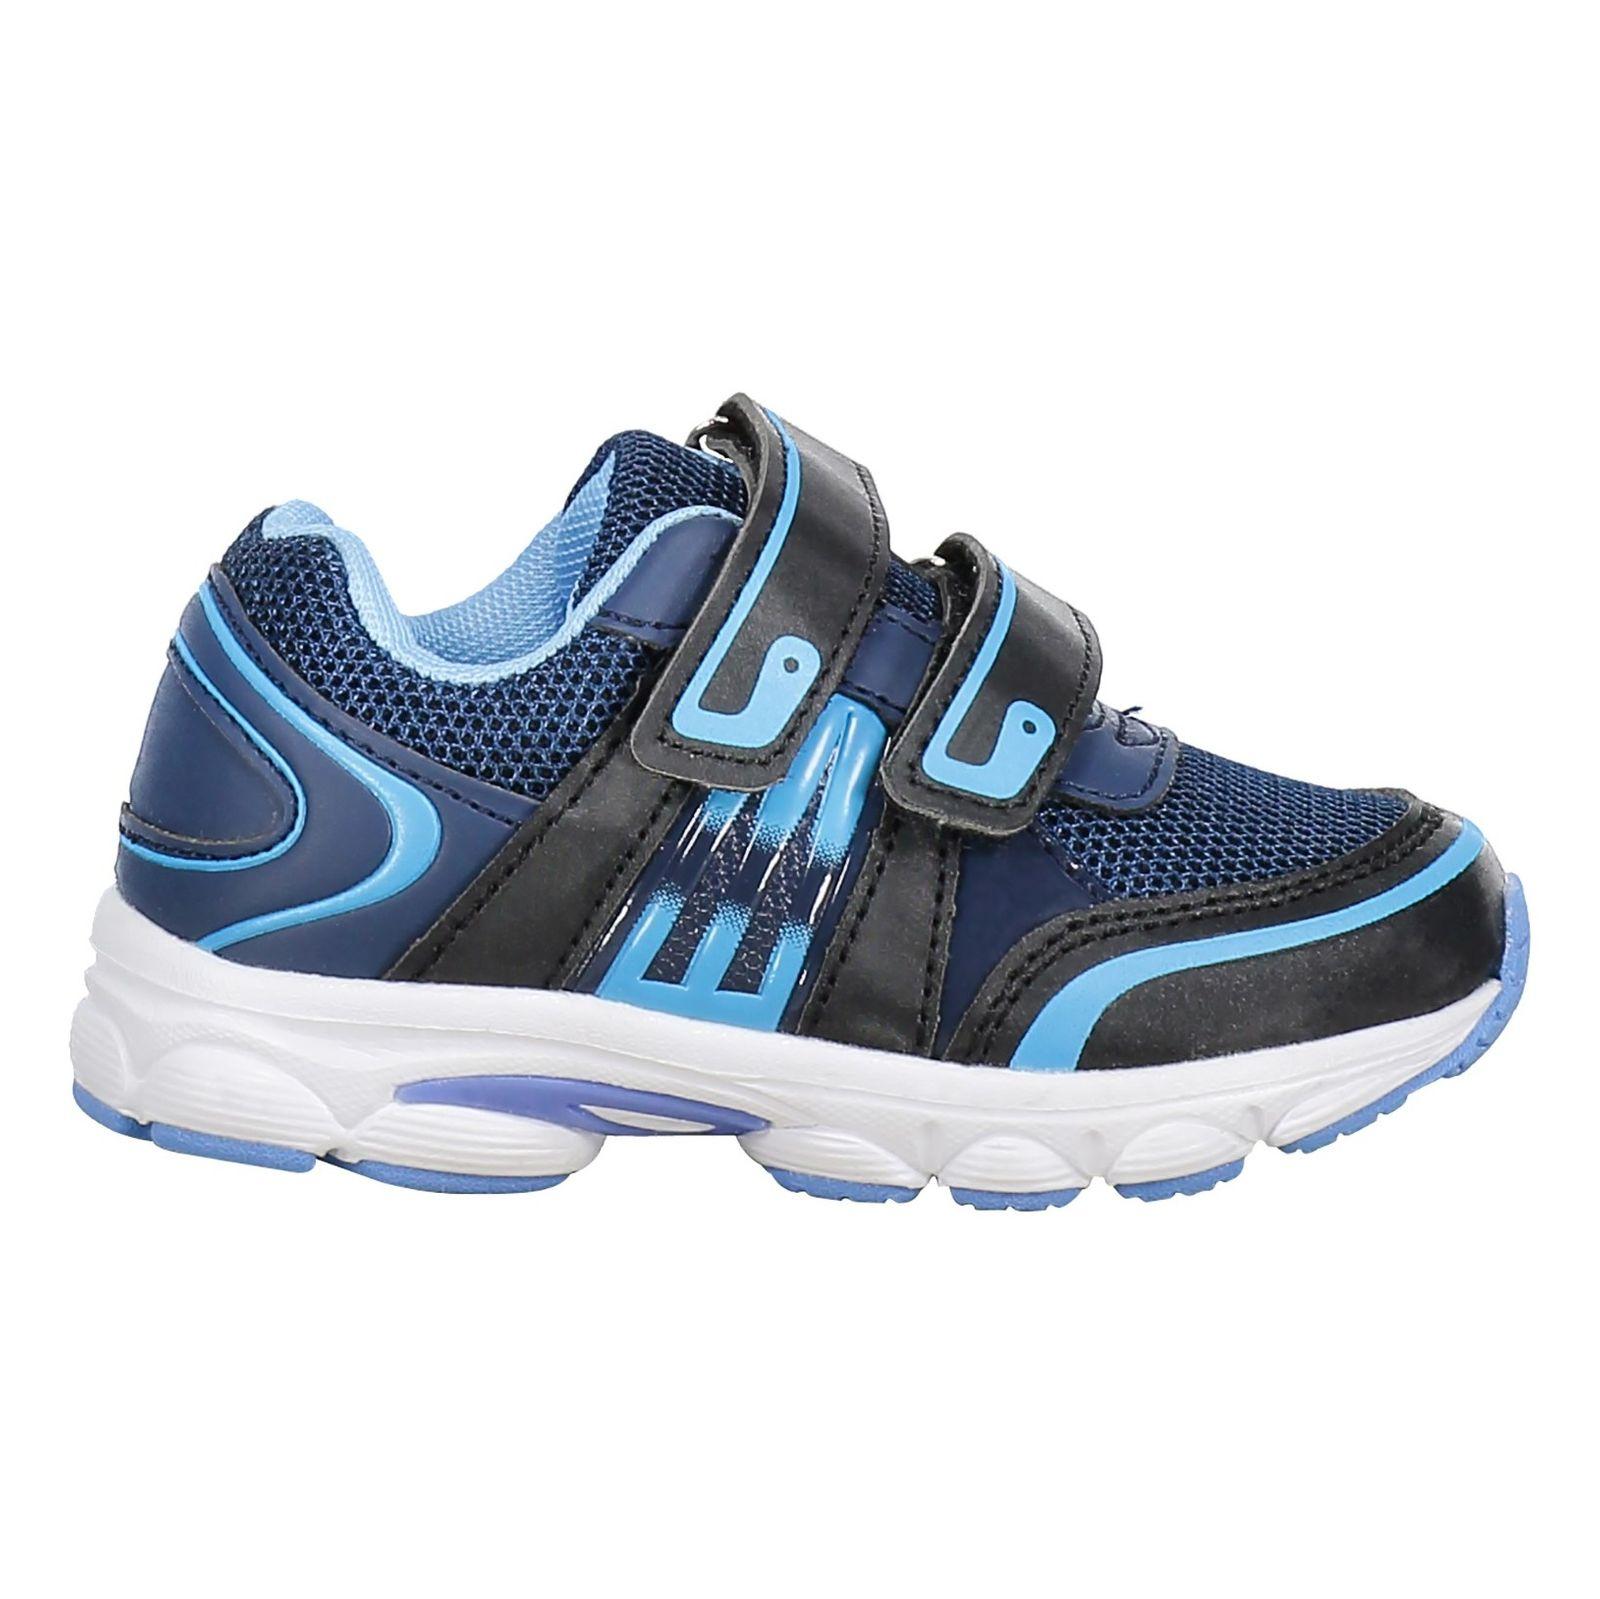 کفش ورزشی چسبی دخترانه - باتا - آبي  - 1